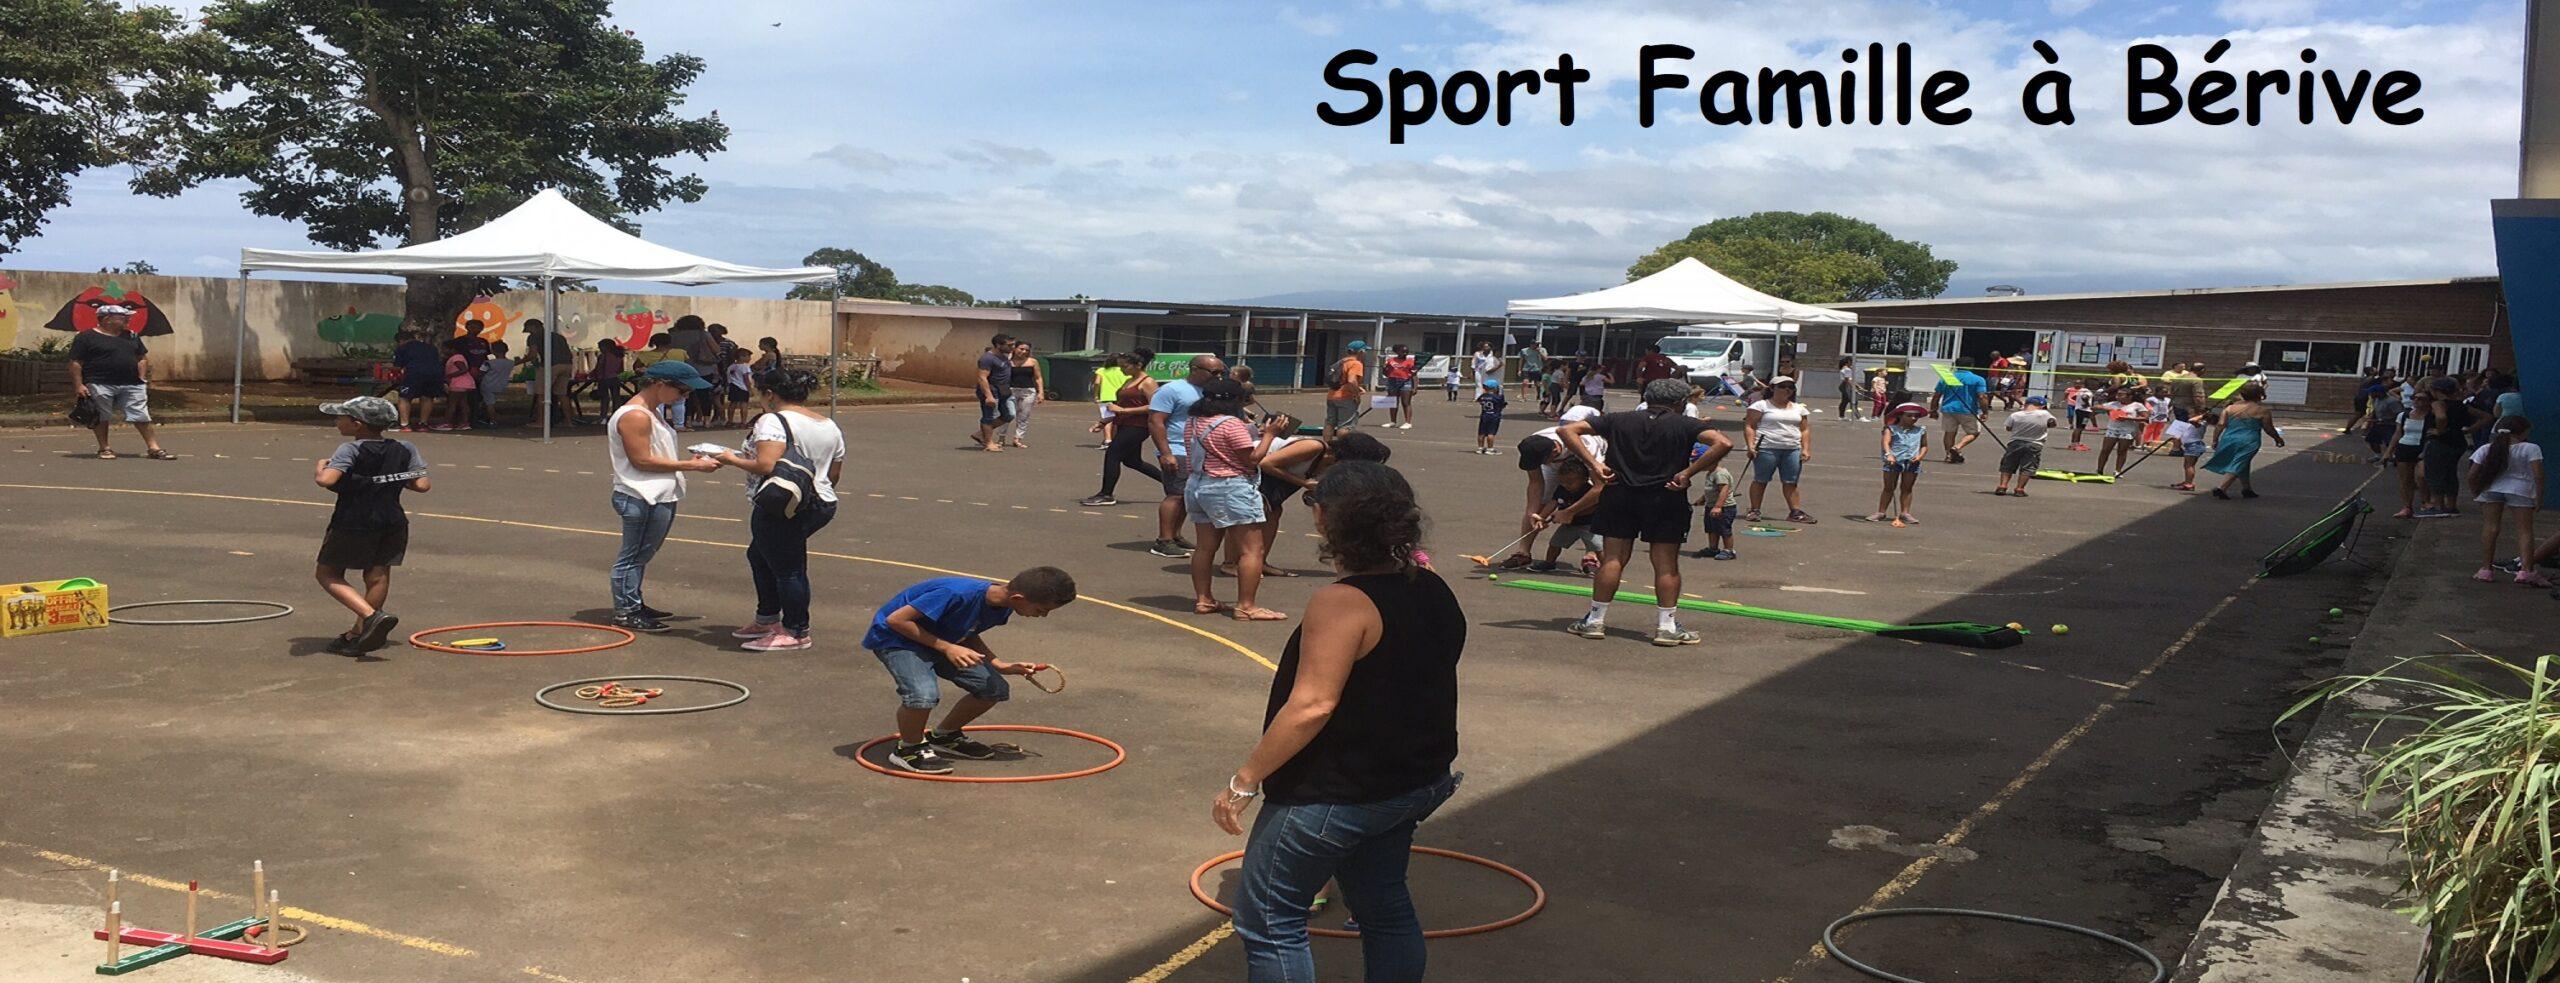 Sport Famille à Bérive